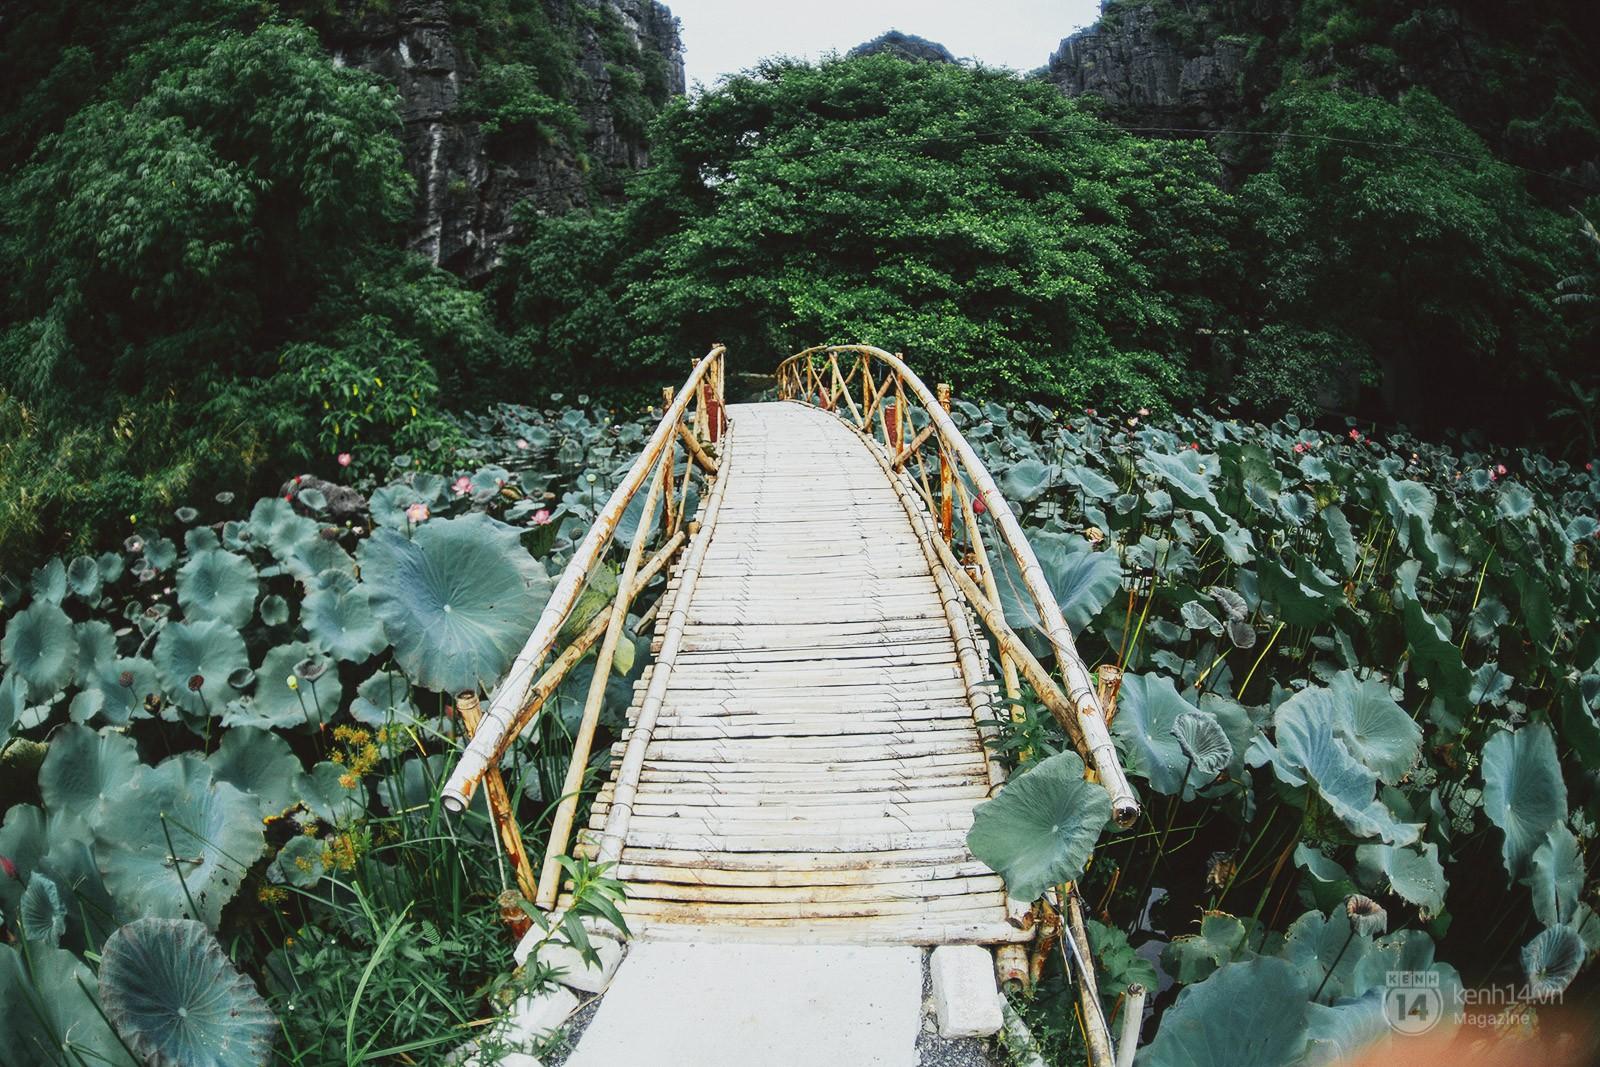 Tưởng chán muốn xỉu, nhưng 4 địa điểm này lại sắp trở thành những thiên đường mới của Việt Nam rồi đấy! - Ảnh 33.